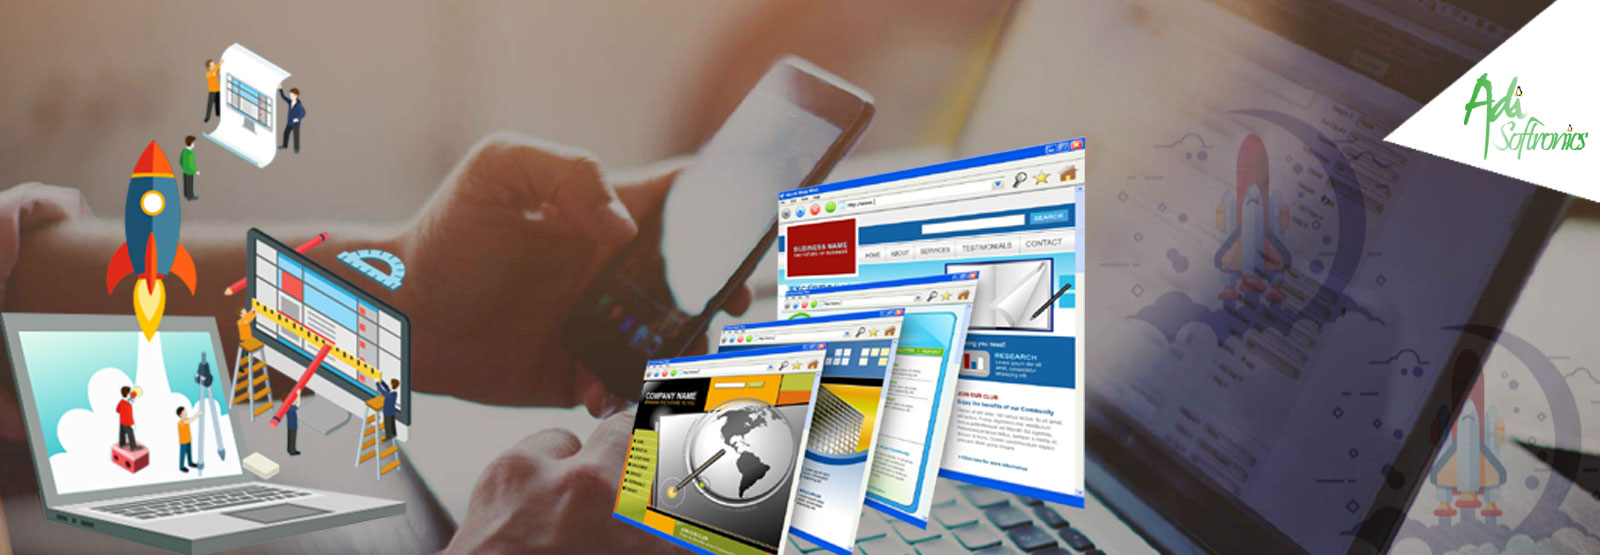 Startup Website Designing - Web Development and Website Designing